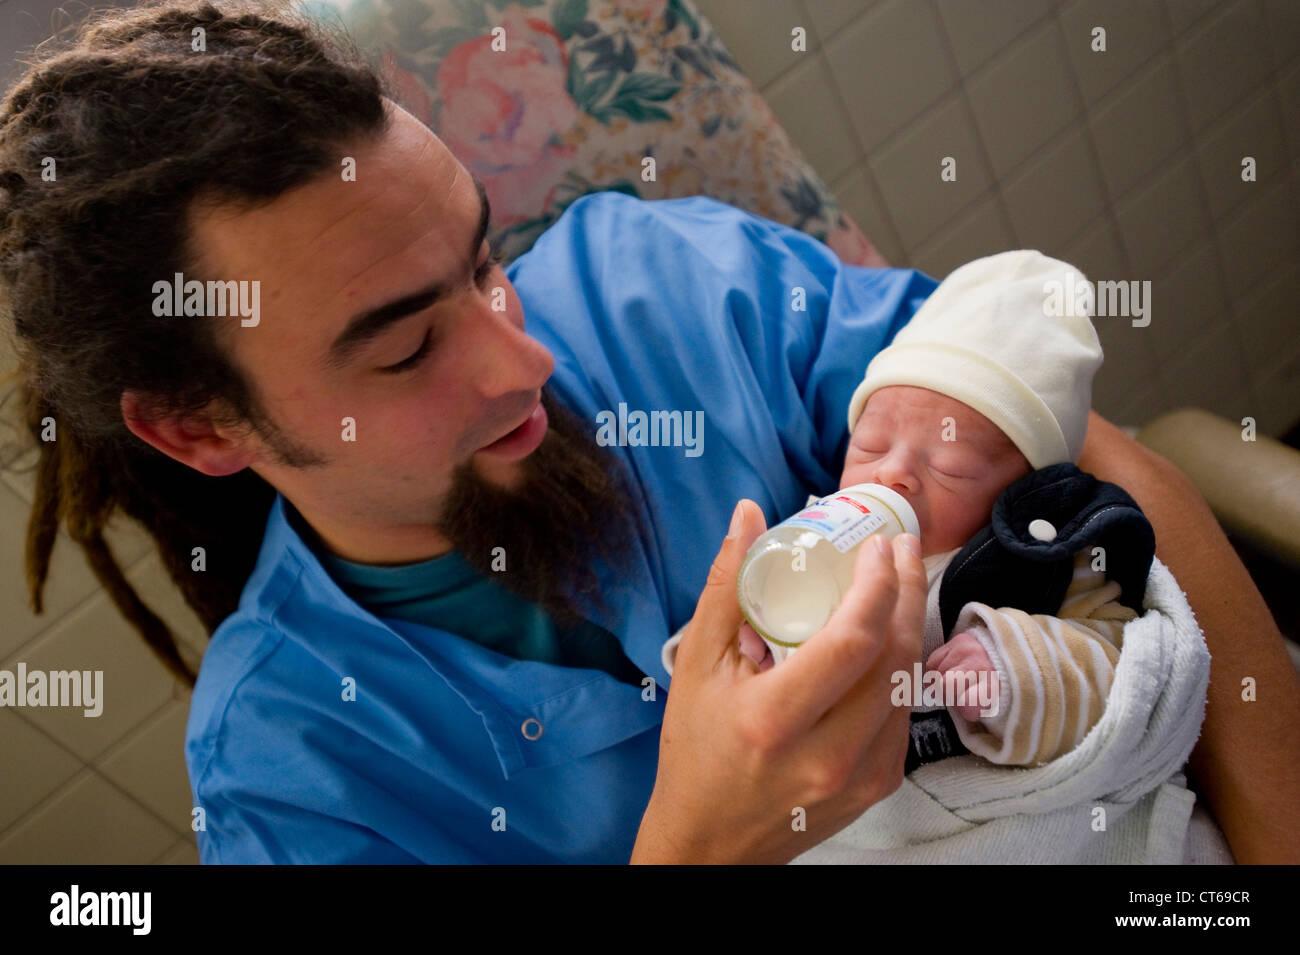 NEUGEBORENE MIT BABY-FLASCHE Stockbild